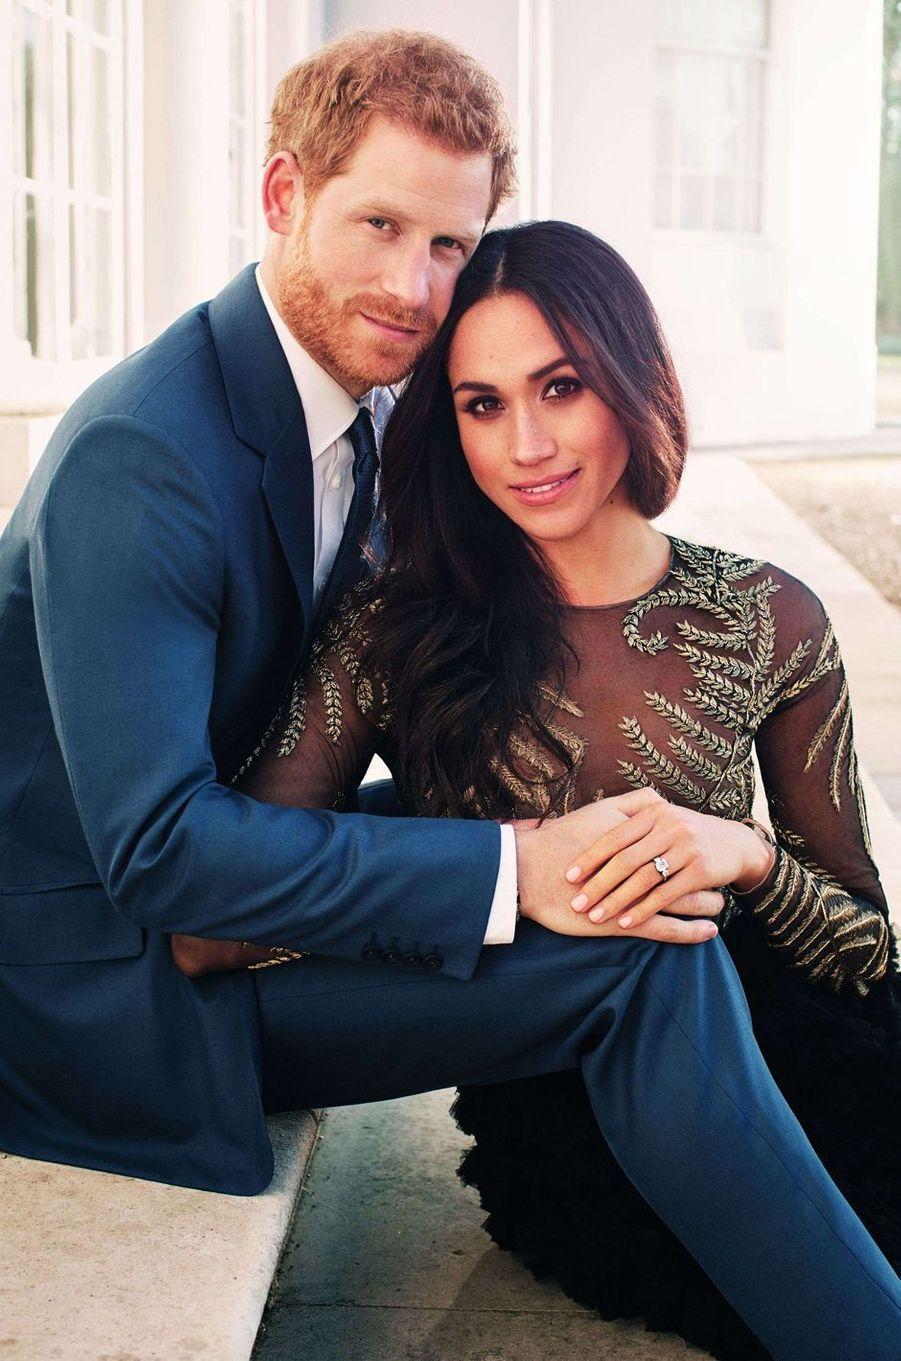 Le mariage du prince Harry et de Meghan Markle aura lieu à la chapelle St George du château de Windsor, le 19 mai 2018